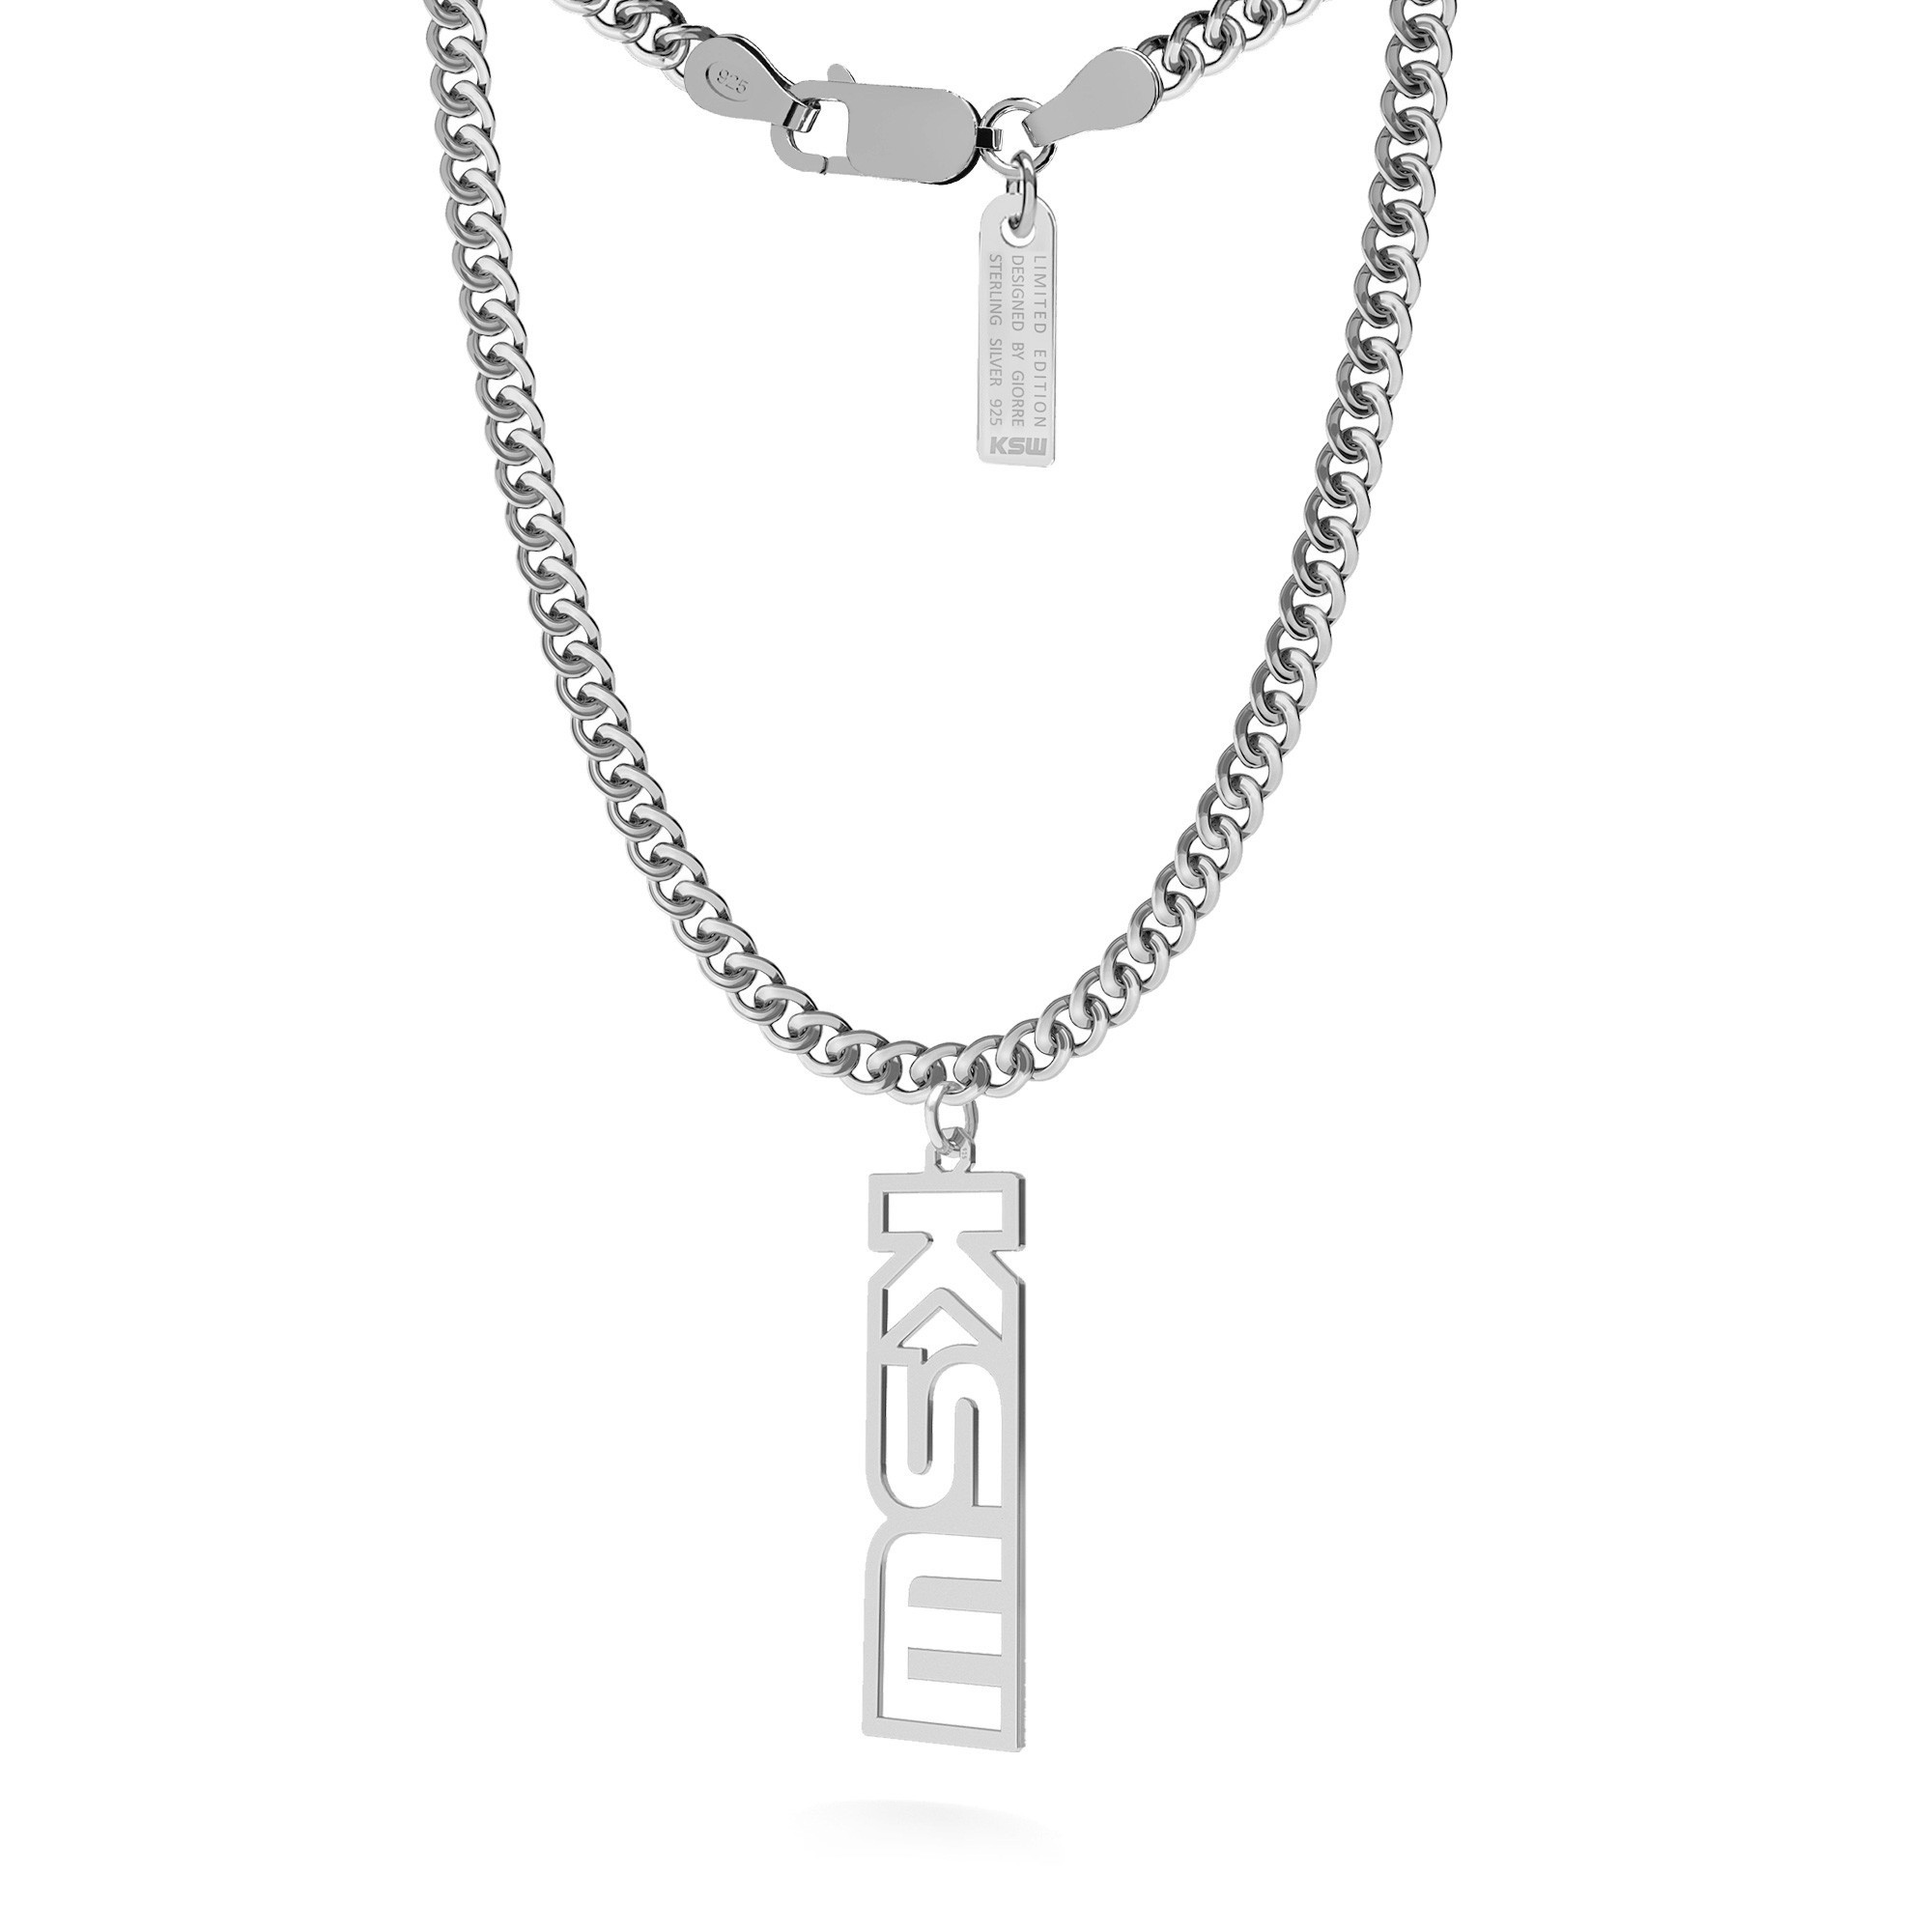 Srebrny naszyjnik z pionową zawieszką, logo KSW, pancerka, srebro 925